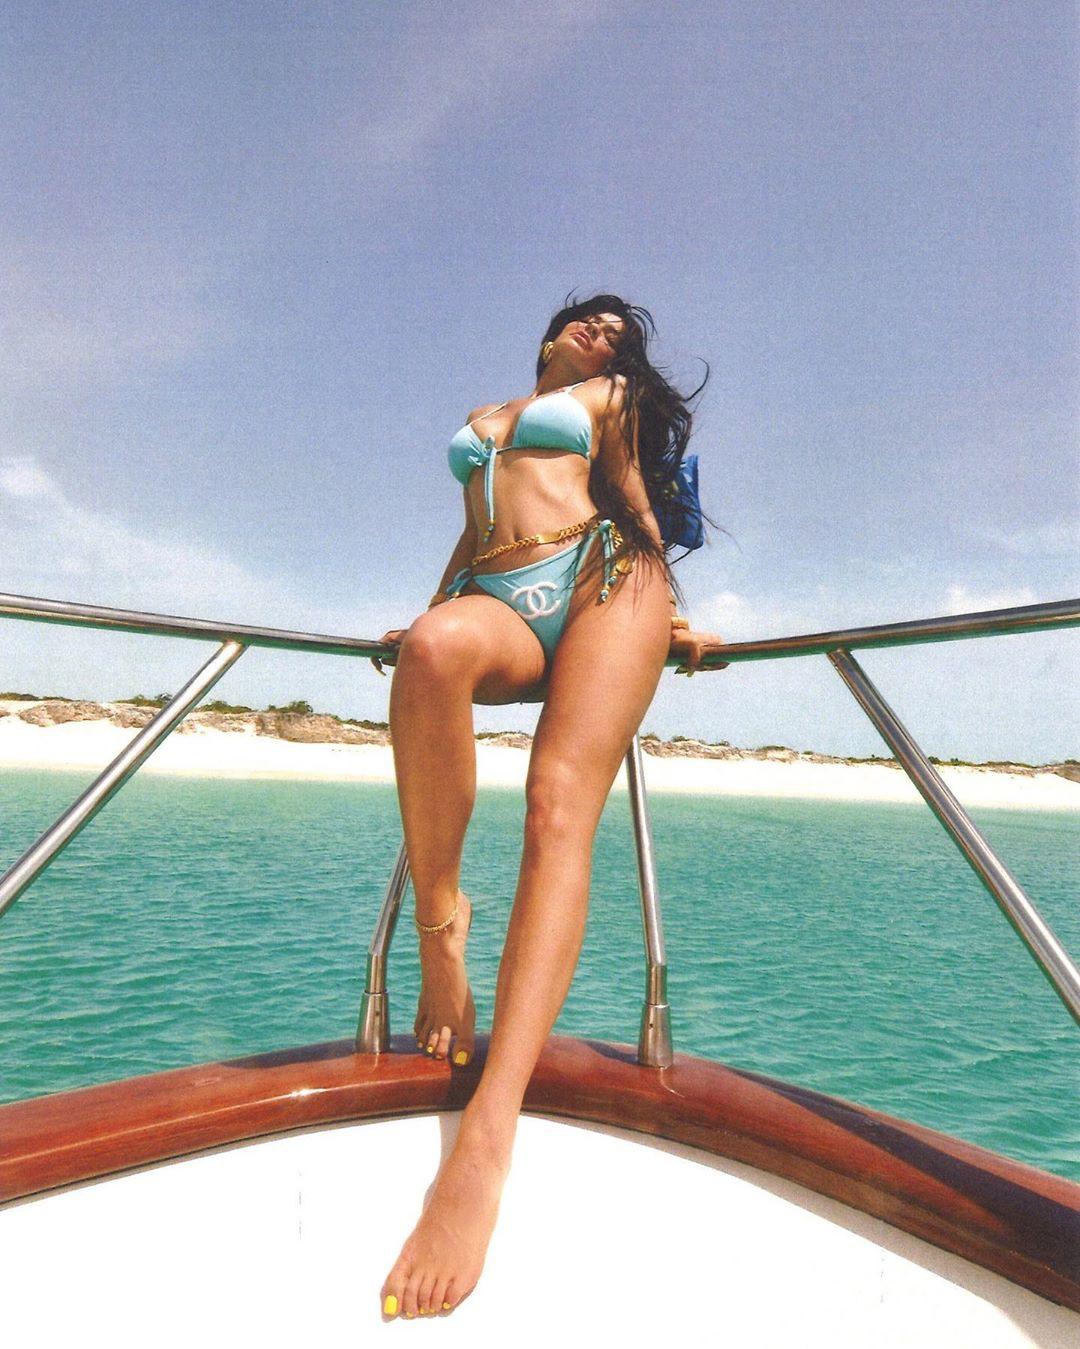 Khoe hết cỡ body gái một con trông mòn con mắt, sắc vóc và thần thái của Kylie Jenner đã đạt đến ngưỡng đỉnh cao - Ảnh 4.